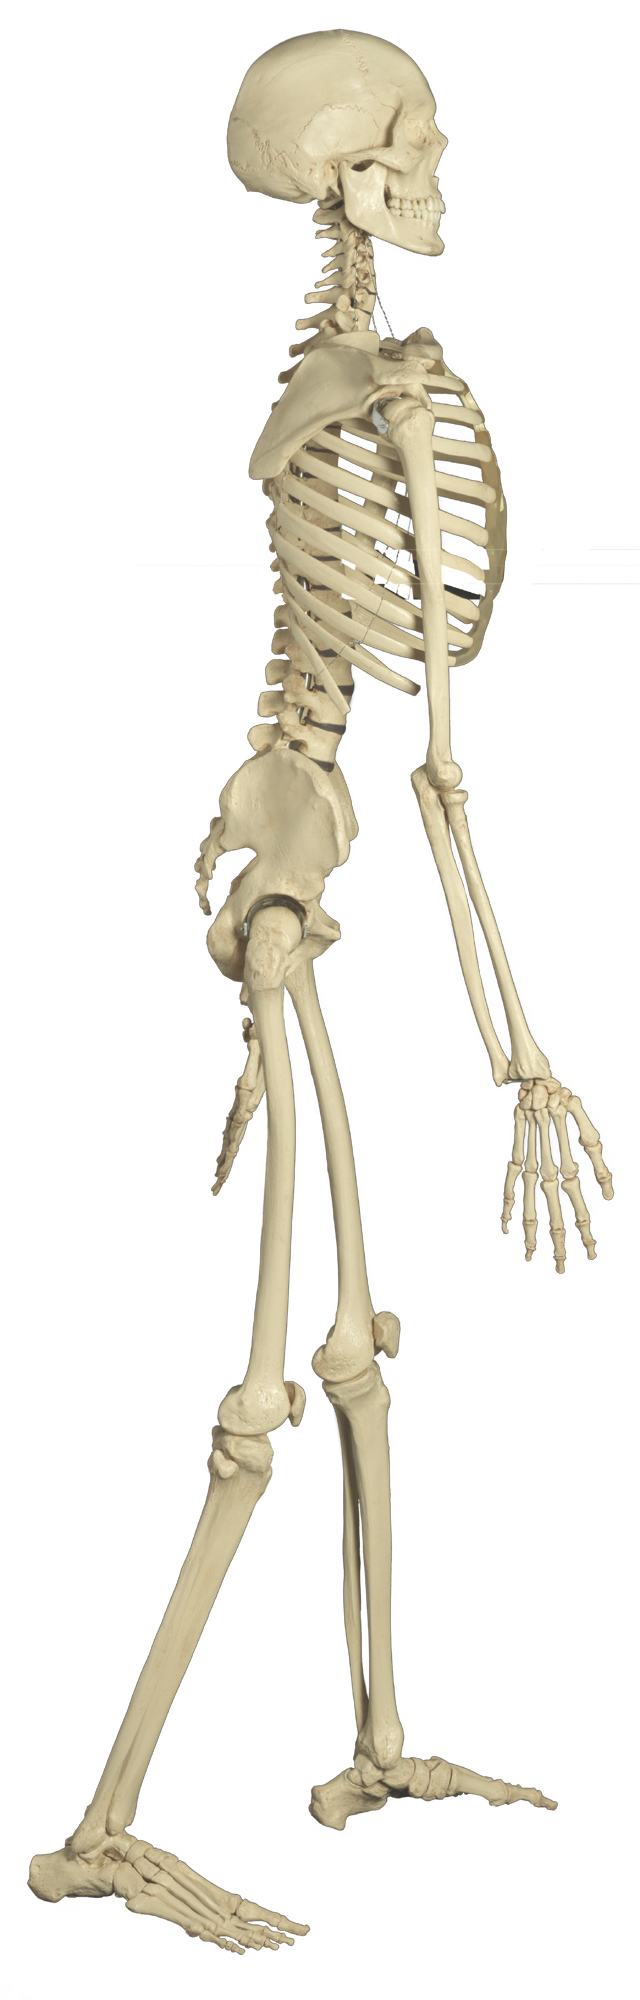 Skelett kaufen | Anatomische Modelle | Fairplay Sporthandel